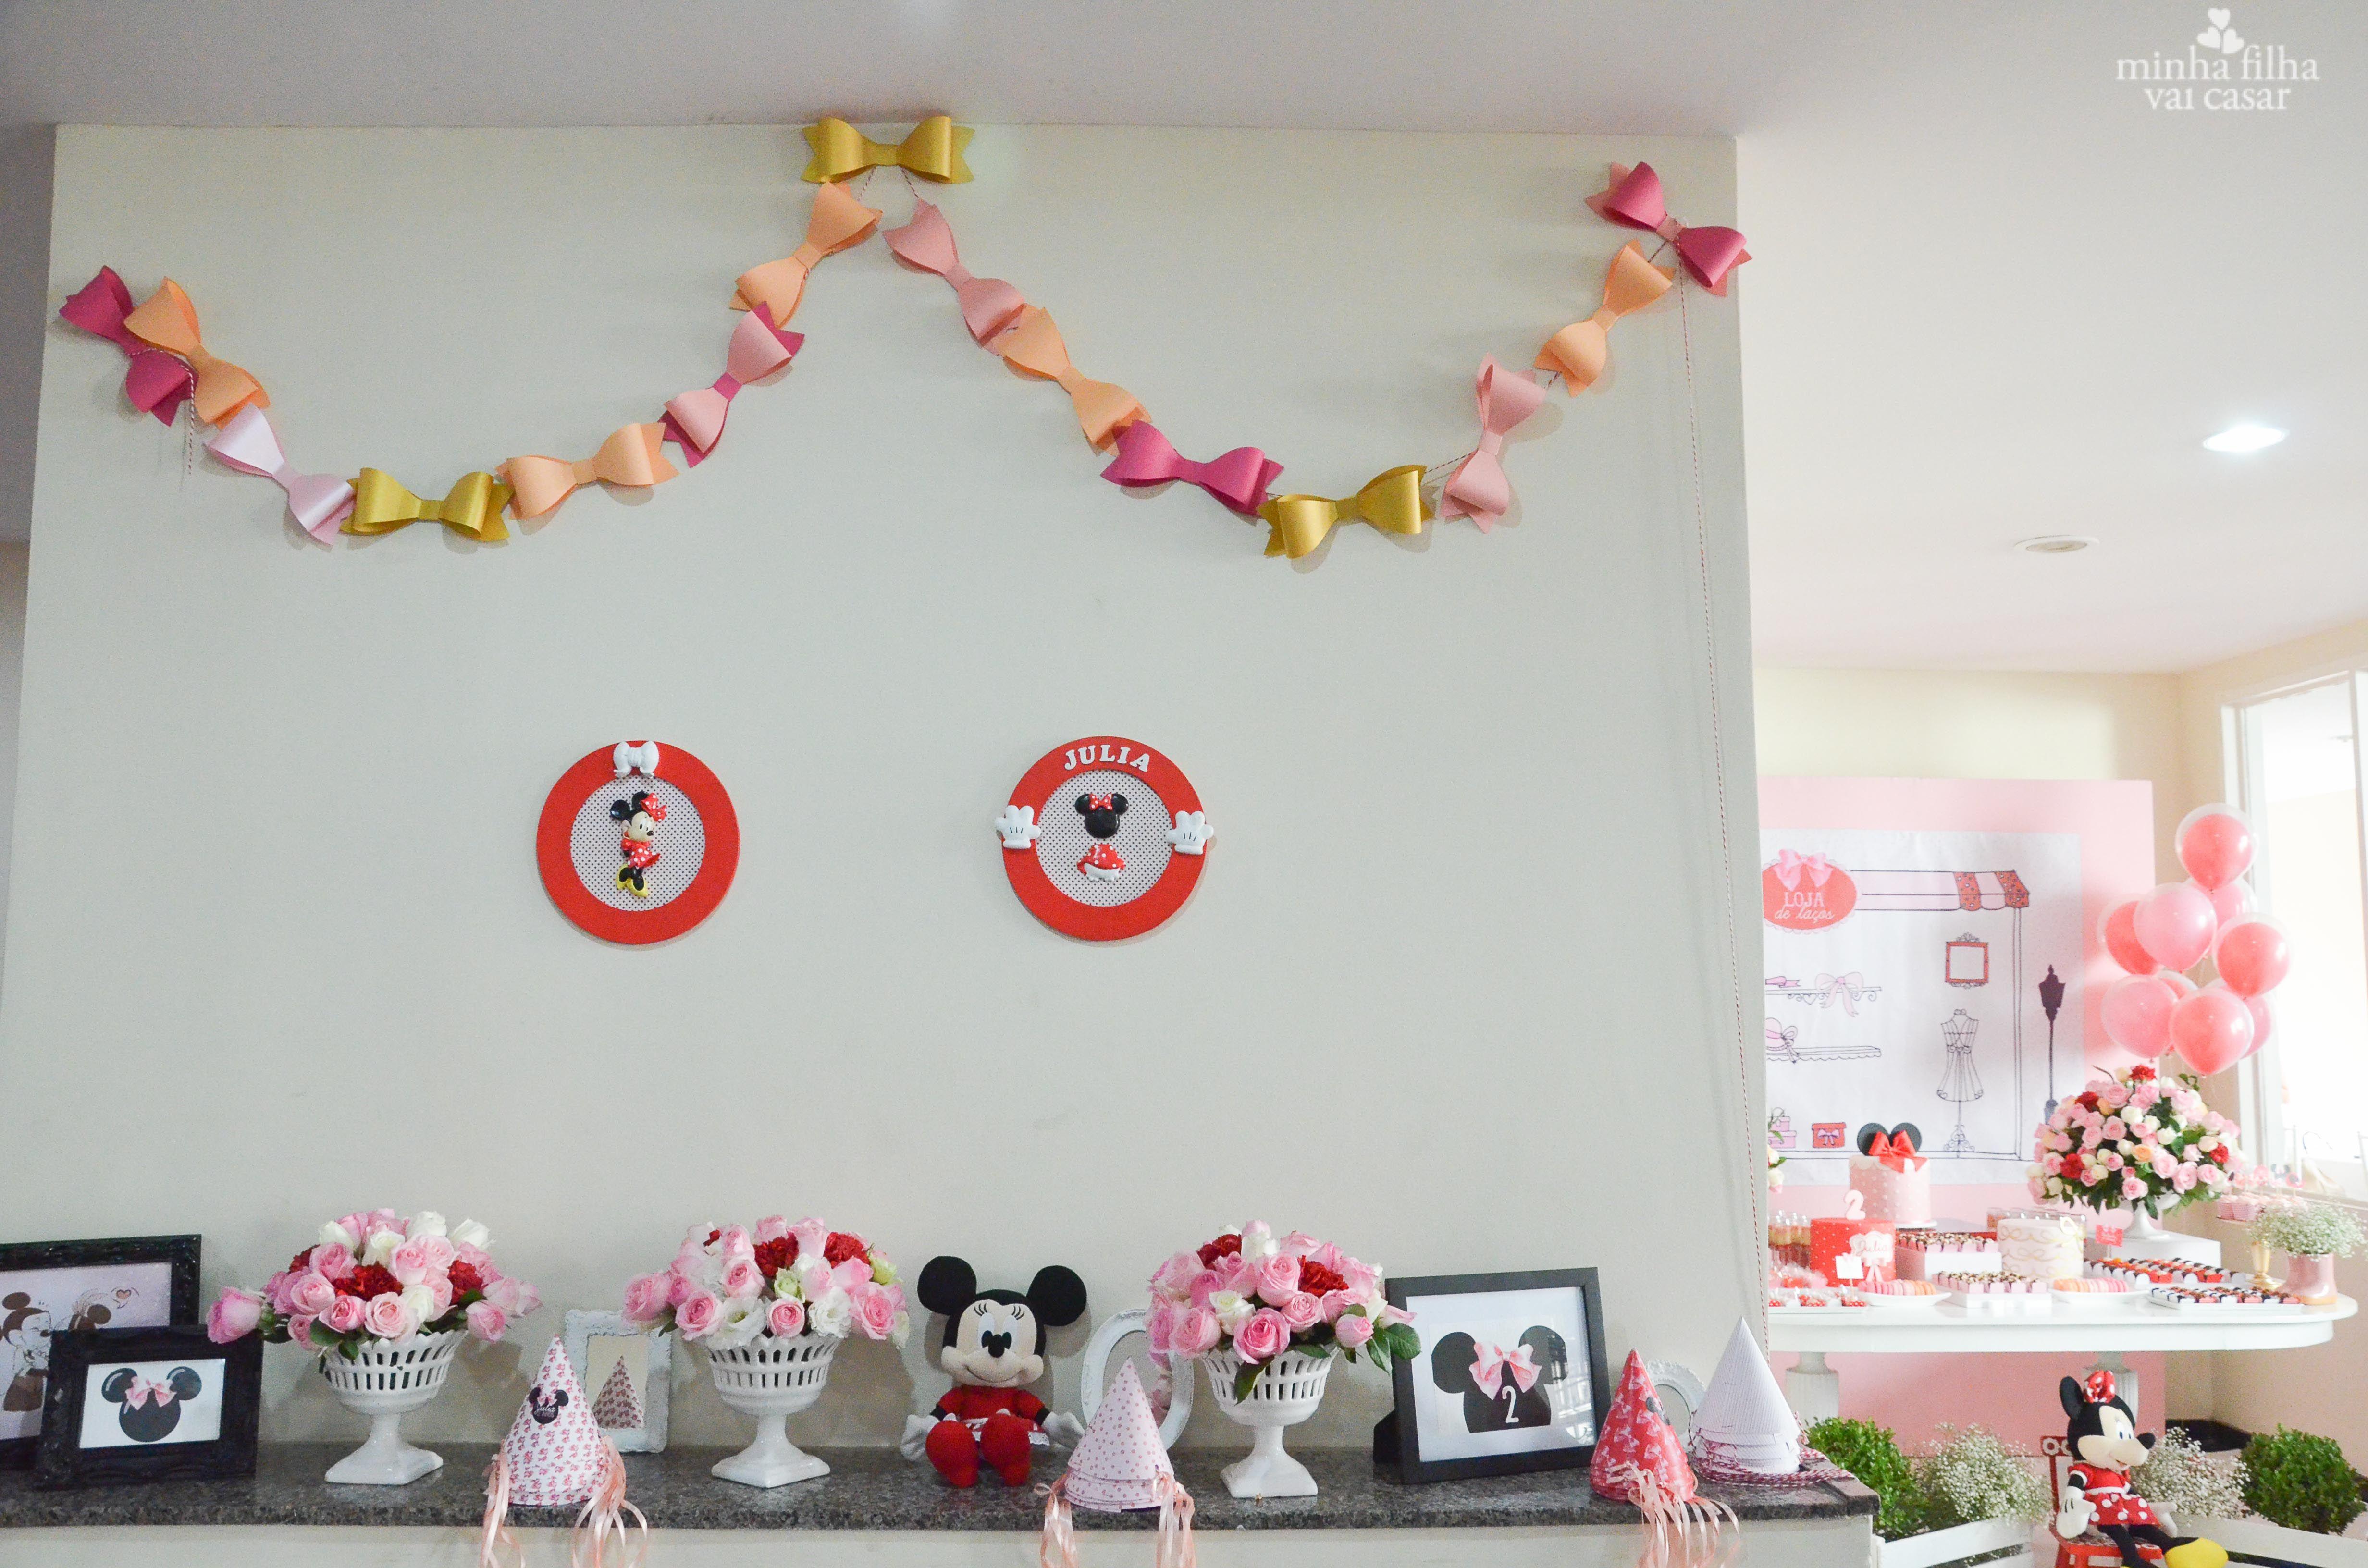 produtos diferenciados, papelaria personalizada, party, infantil, ninguem mais tem, loja de laços da minnie, decoracao, festa